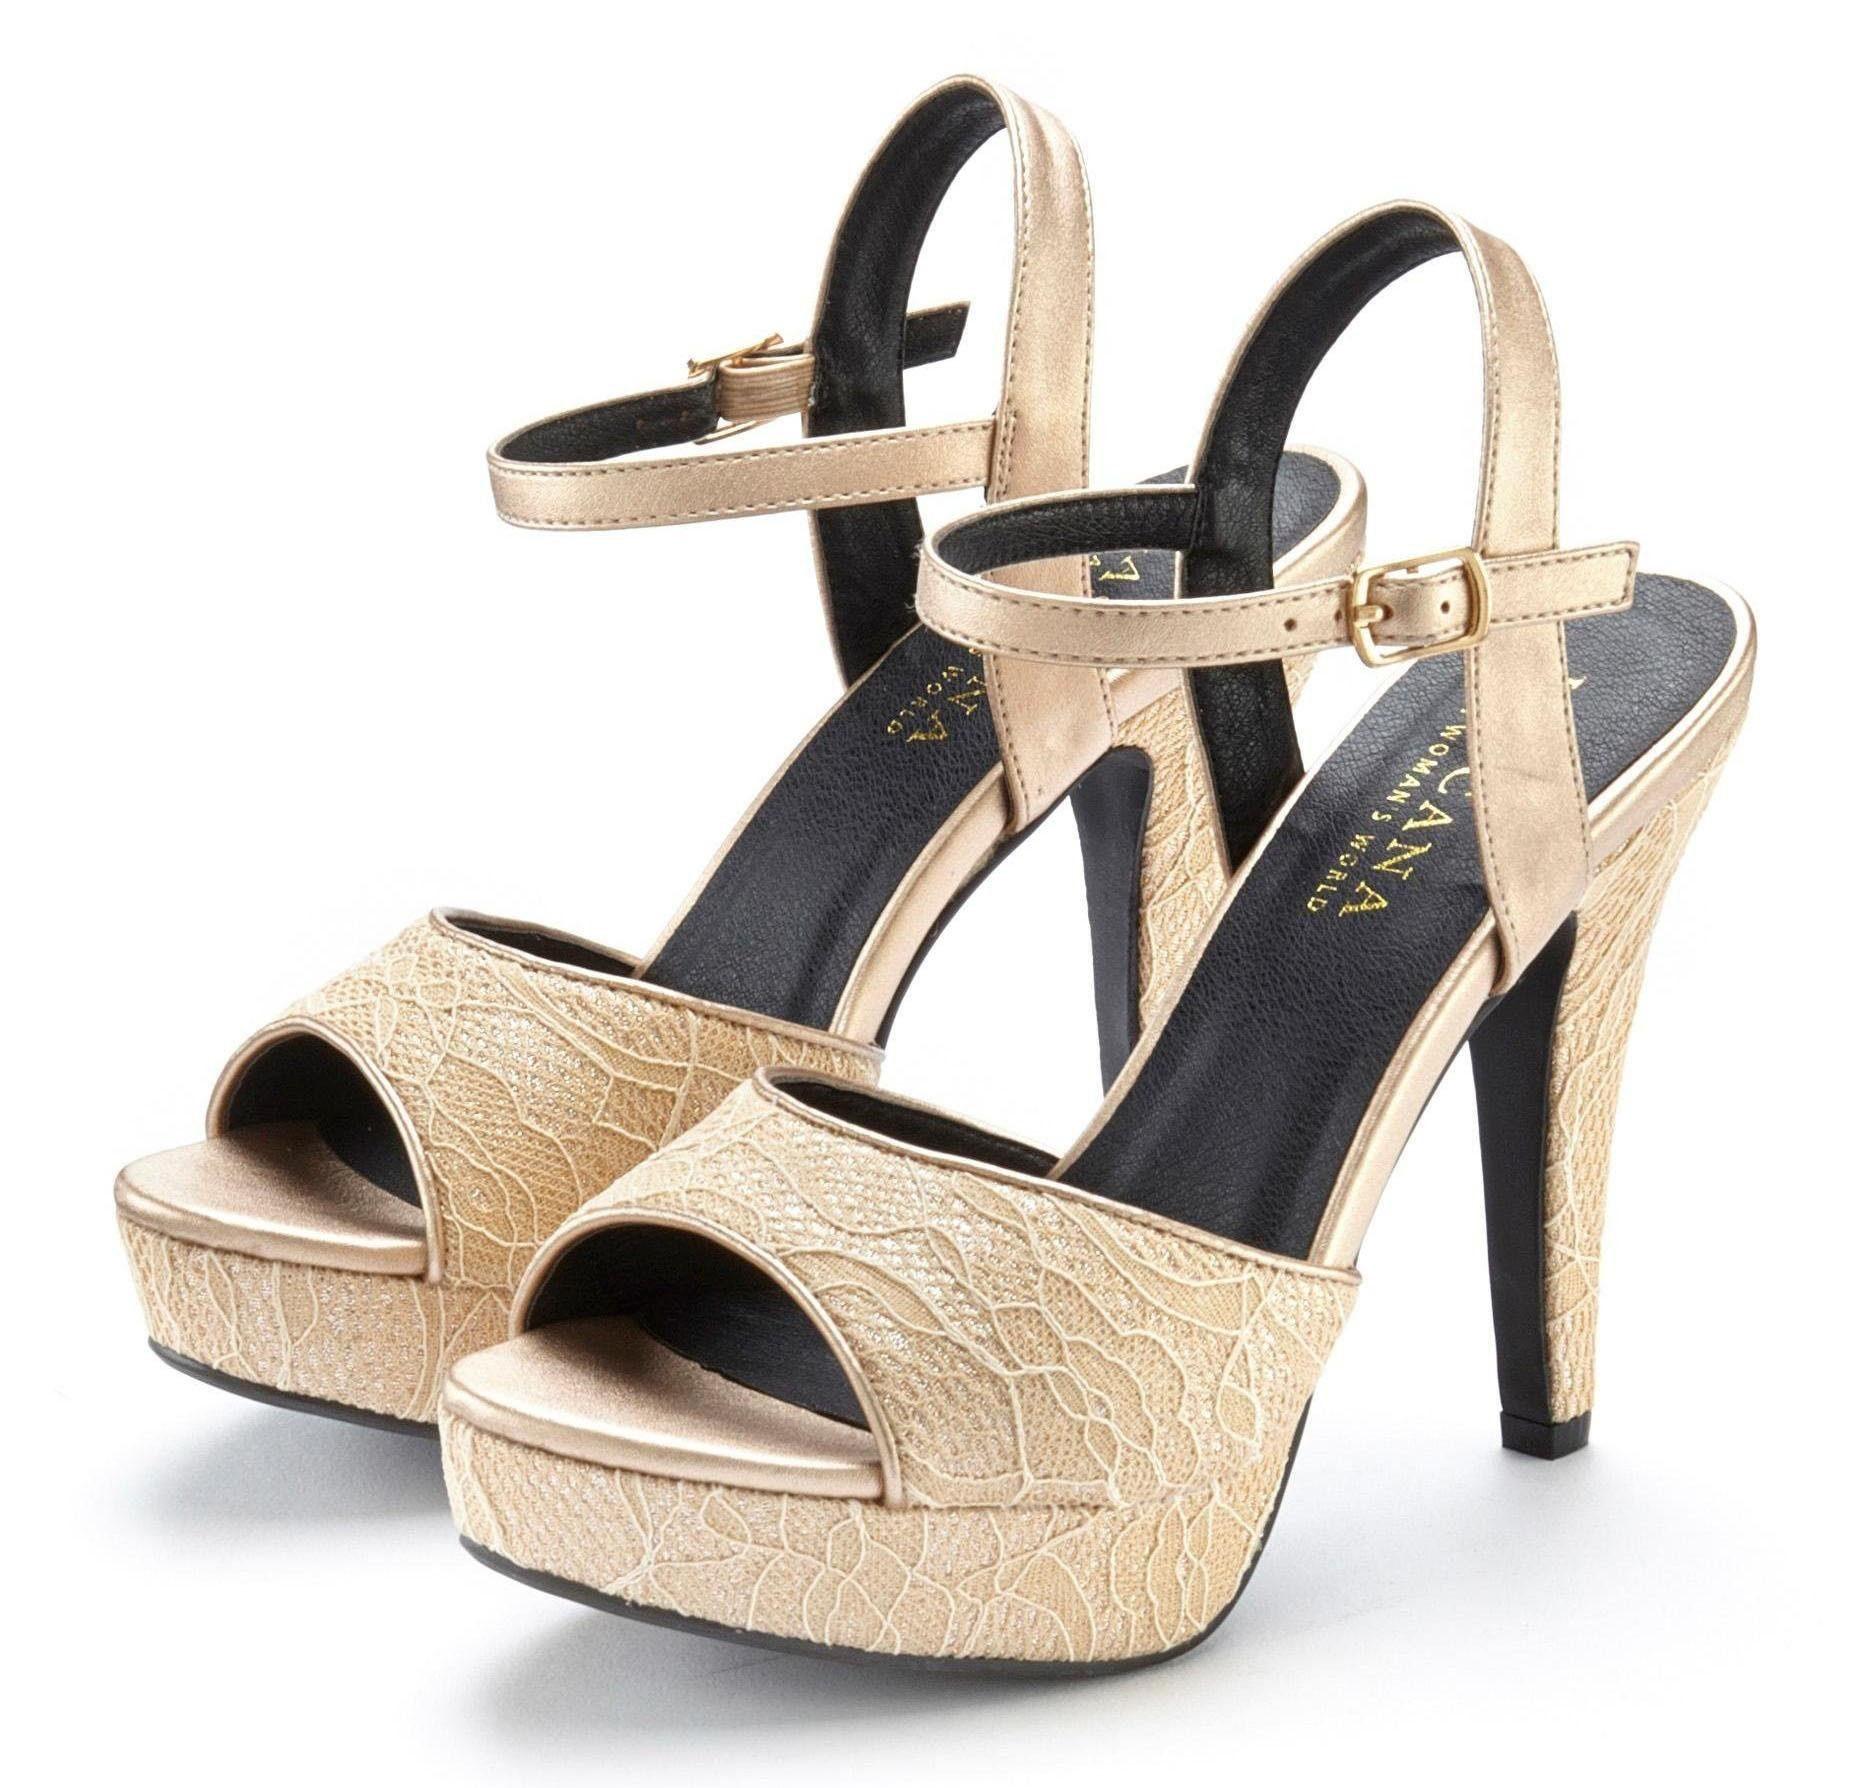 LASCANA High Heel Sandalette mit raffinierten Spitzendetails online kaufen | OTTO